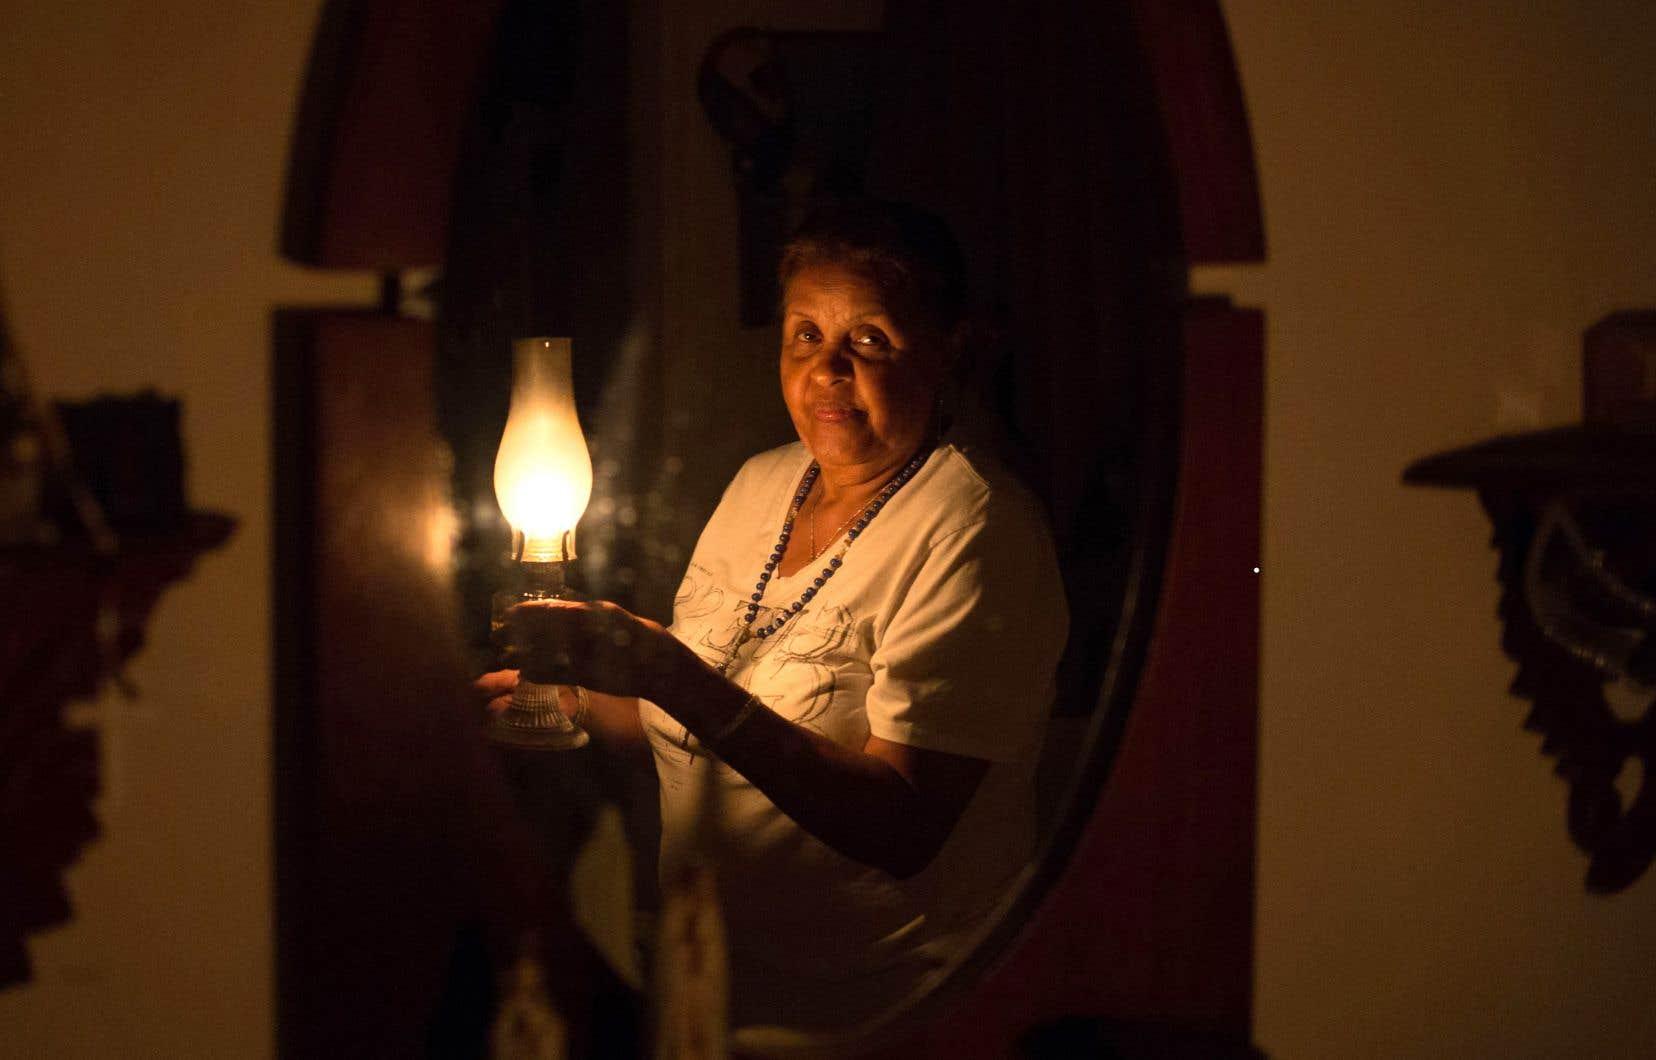 Depuis le début de la panne, cette habitante de Caracas, Elvia Helena Lozano, éclaire sa maison à l'aide d'une lampe au kérosène.